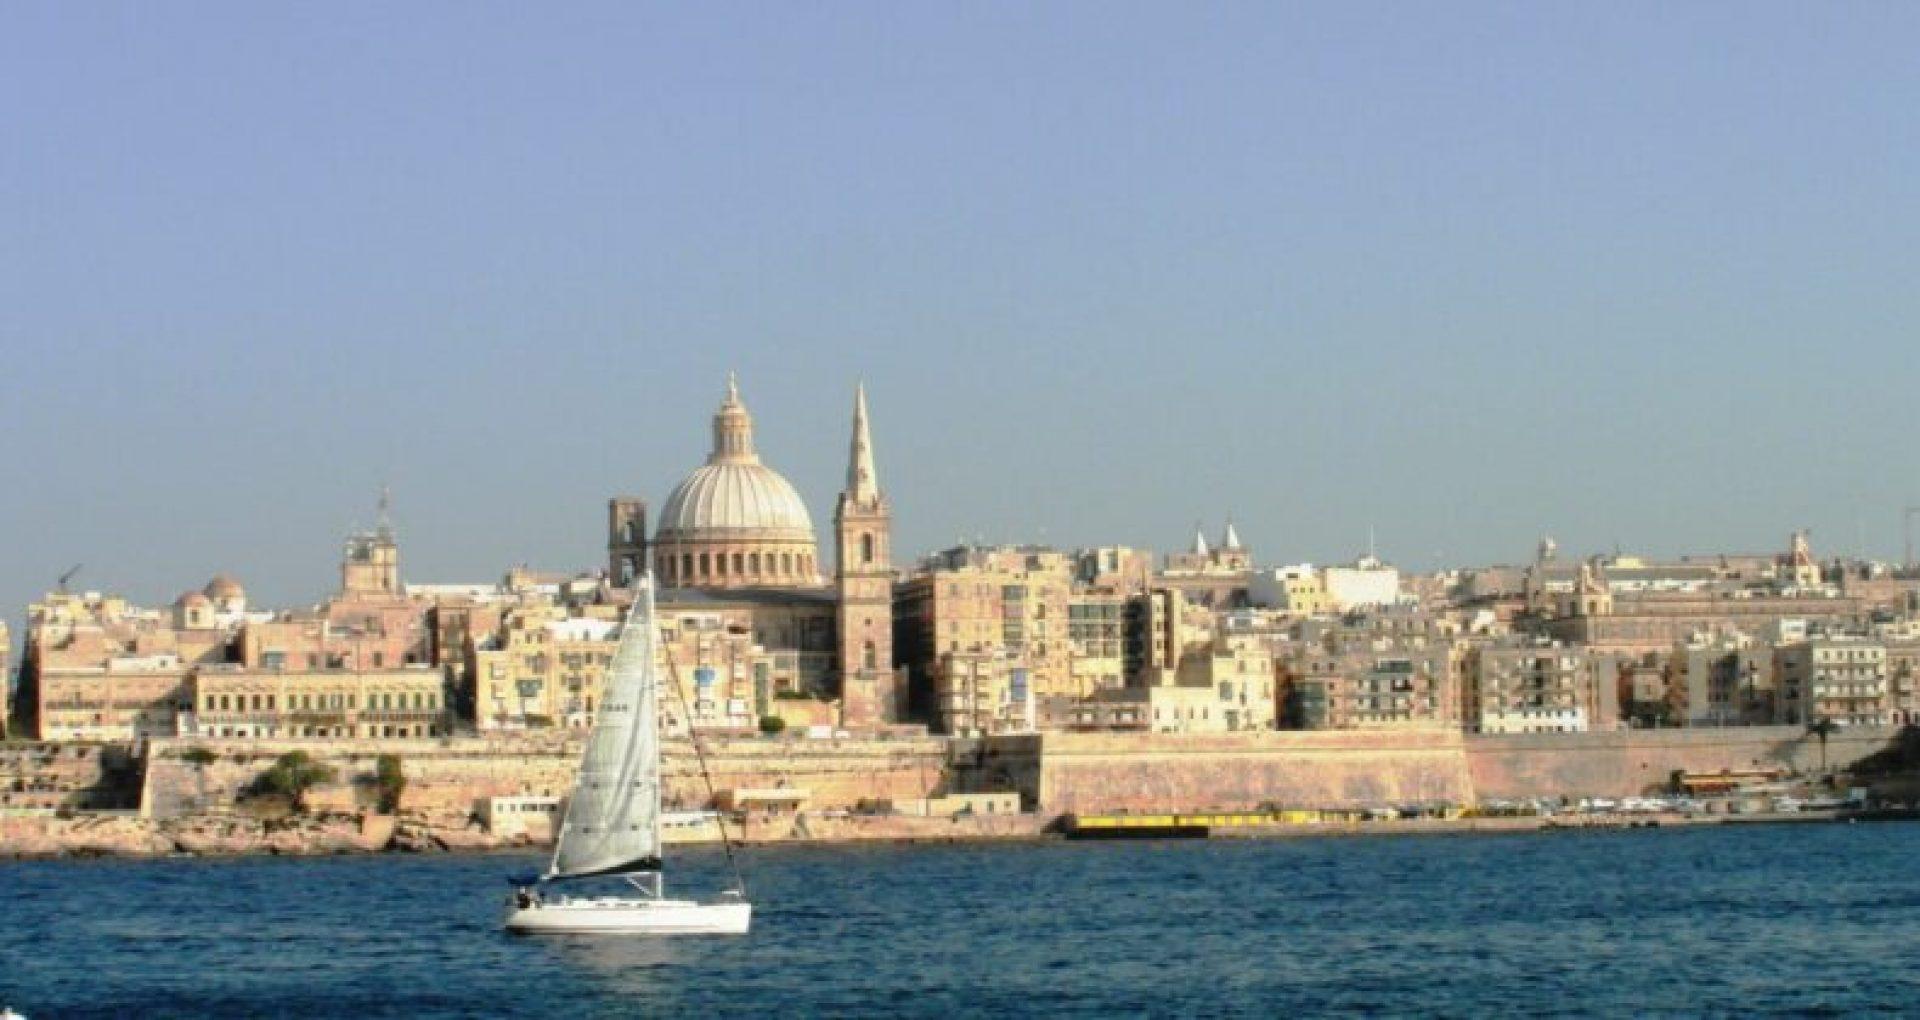 """Noii cetățeni. Malta a dezvăluit numele noilor destinatari ai """"pașapoartelor de aur"""" din Rusia, printre care un miliardar din lista Forbes"""